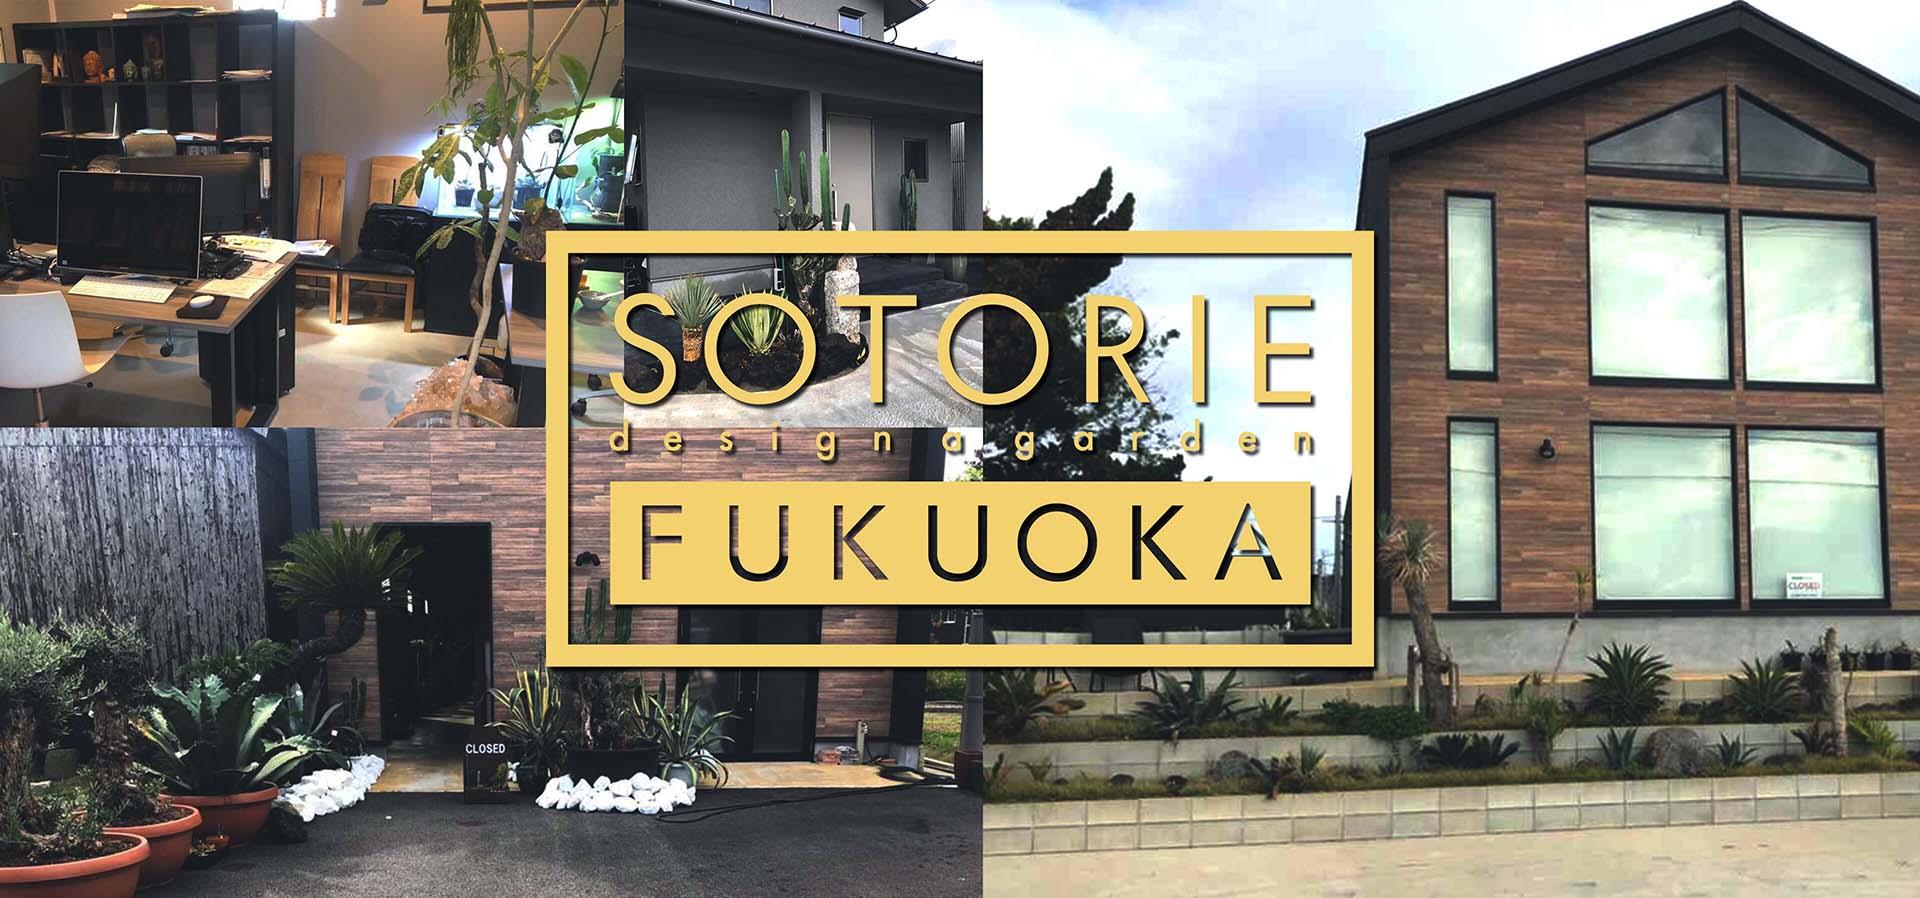 ソトリエ福岡では、家周りと庭周りの外構、エクステリア工事をおしゃれなデザインと高い施工品質でご提供することをお約束します。